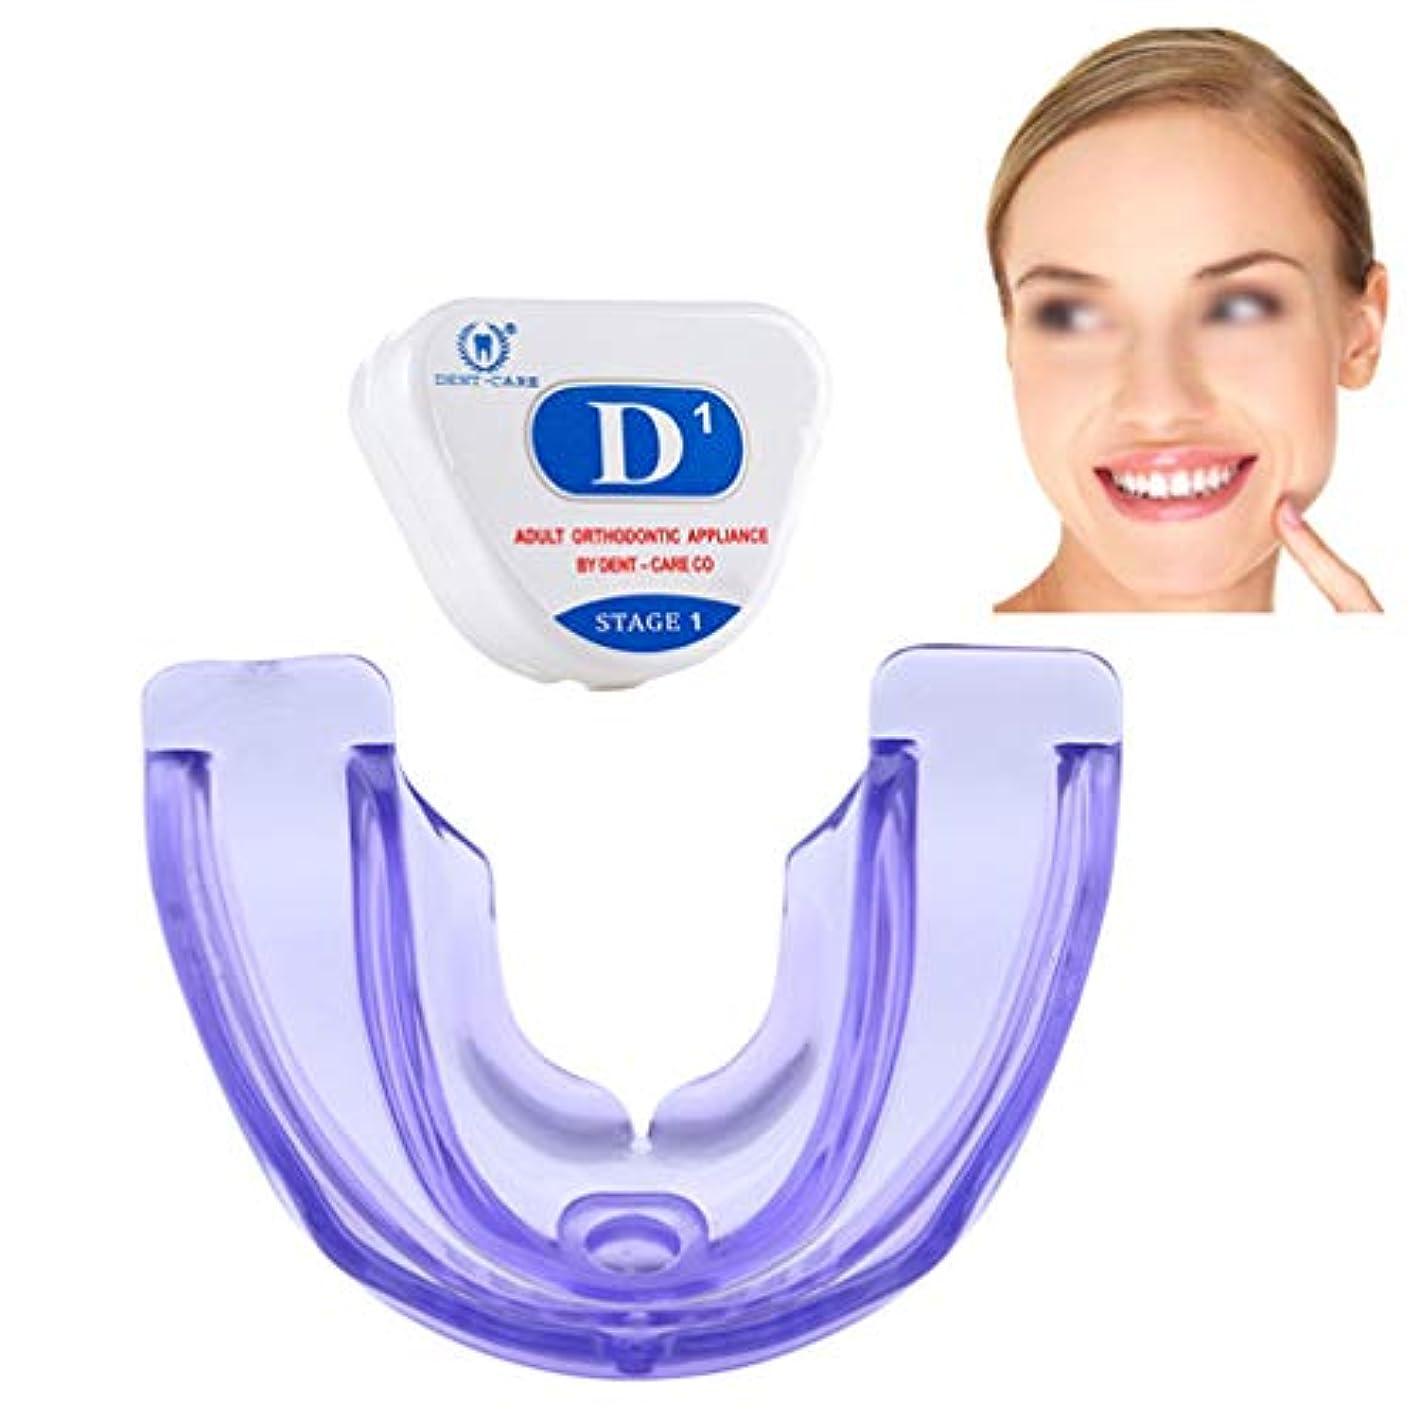 矯正リテーナー、歯列矯正トレーナー歯科用歯科用器具リテーナー歯を白くするインビジブルブレース、(3段階)